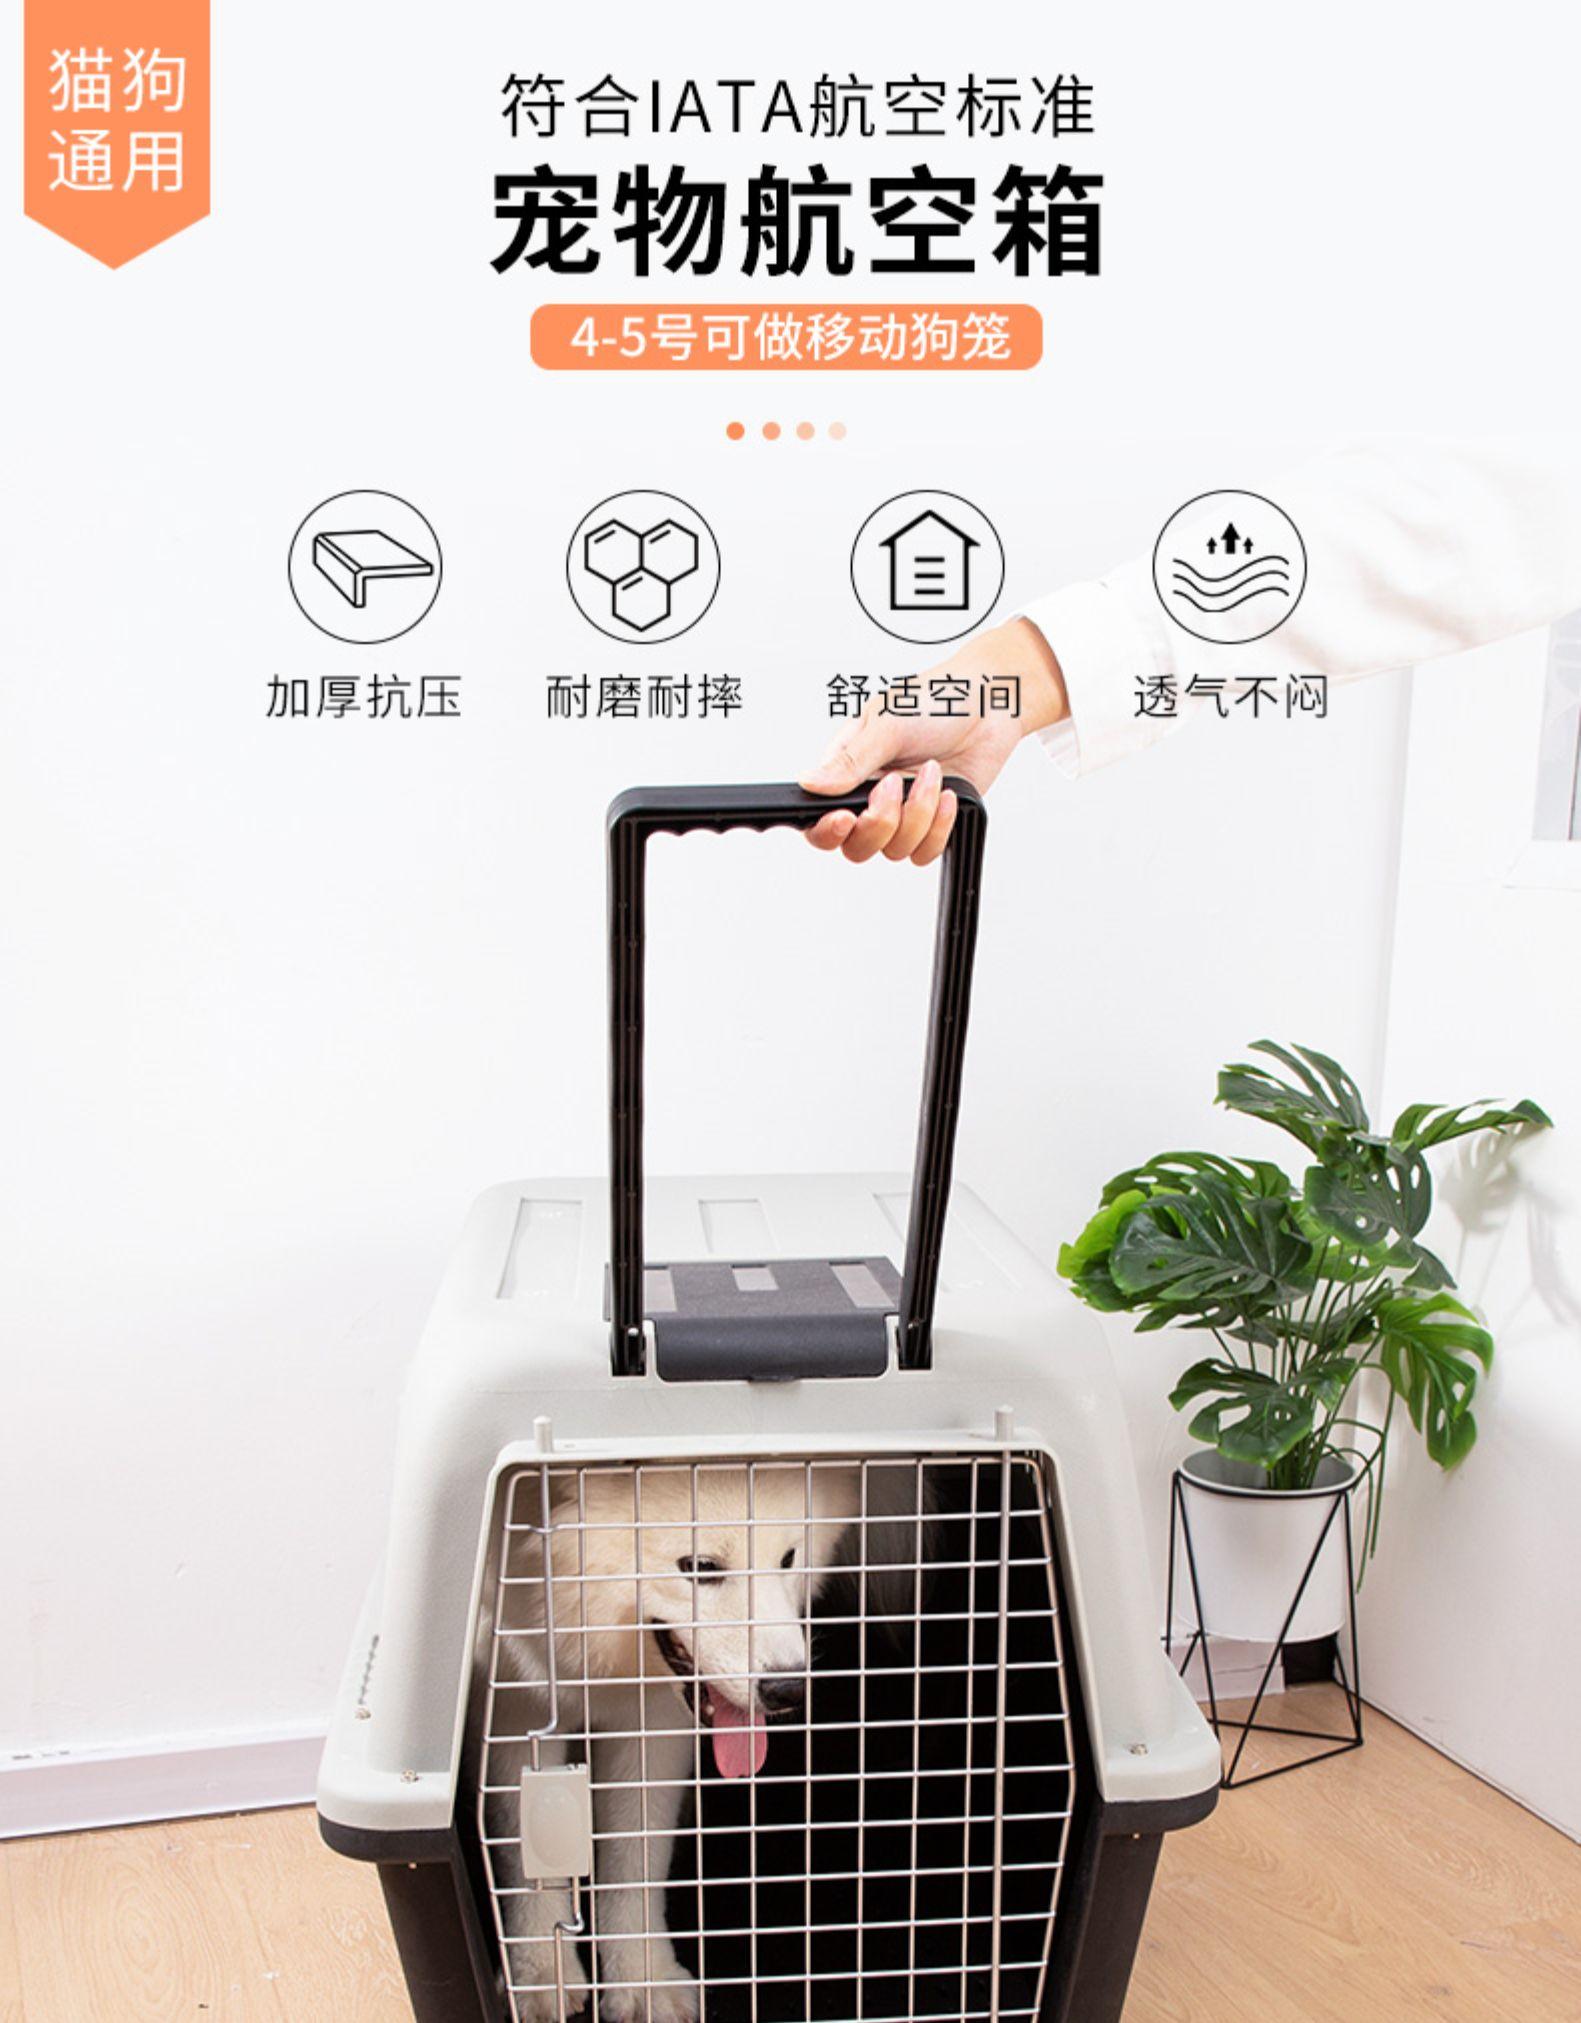 宠物航空箱狗笼託运箱大小中型犬猫笼可携式外出空运箱猫咪航空箱猫详细照片